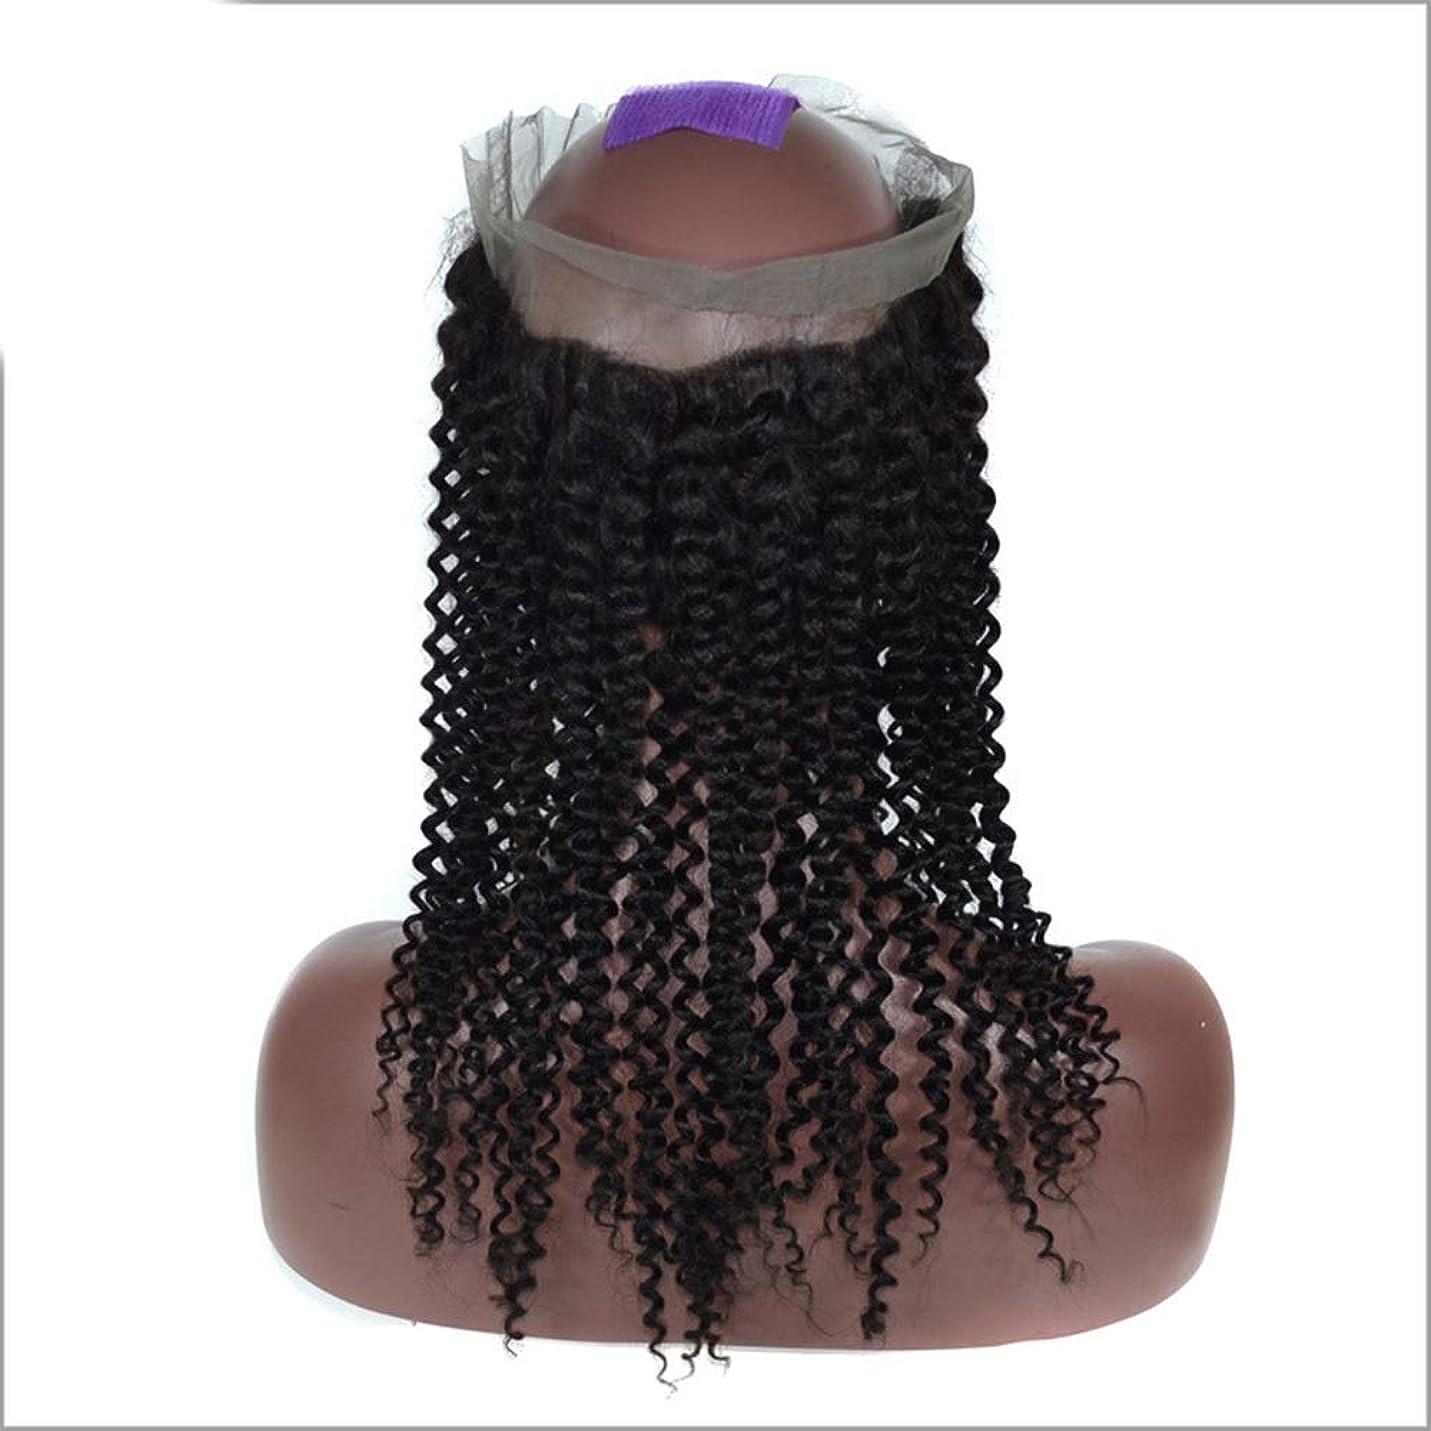 試みるマイナス内向きYESONEEP 女性3/4ウィッグハーフ - 変態カールウェーブ - ナチュラルカラー 本物の人間の髪の毛 - クリップのヘアピースエクステンションパーティーかつら (色 : 黒, サイズ : 8 inch)